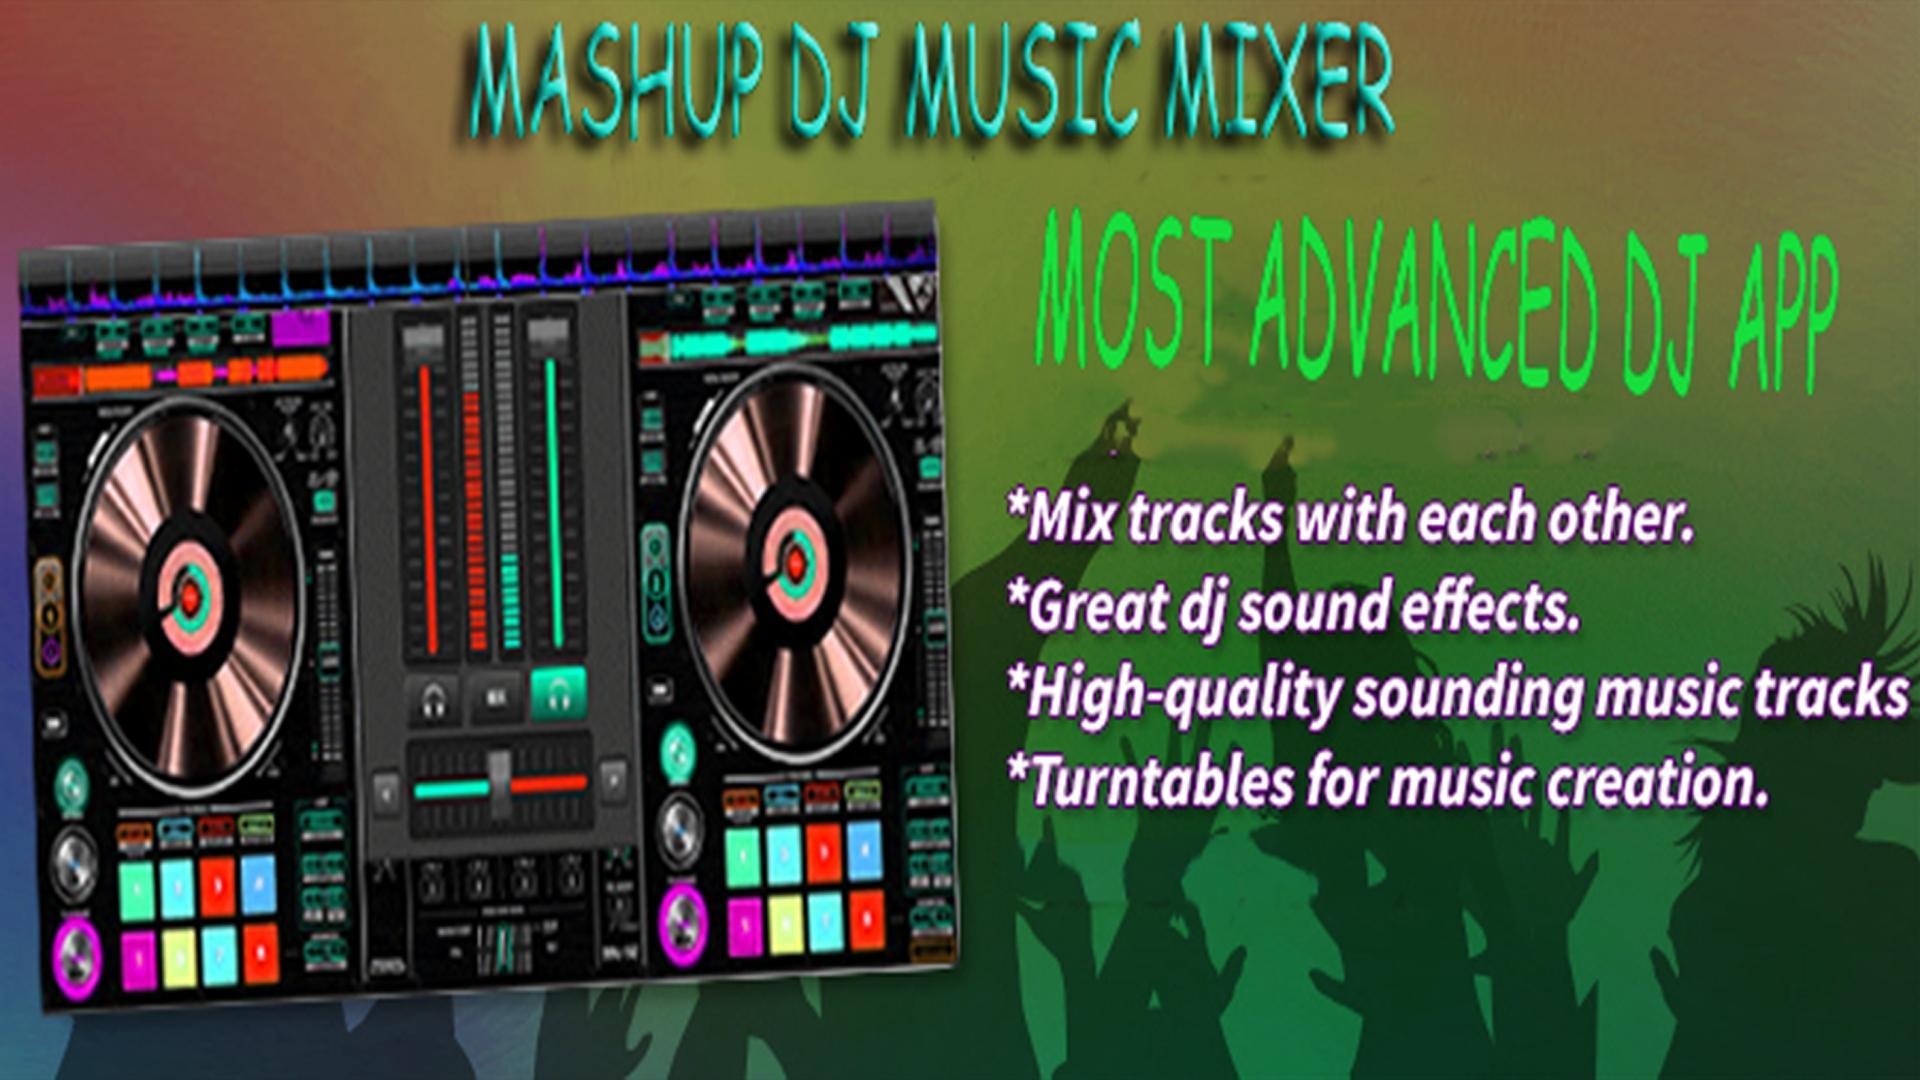 Dj Mixer Studio - Mashup DJ Music Mixer for Android - APK